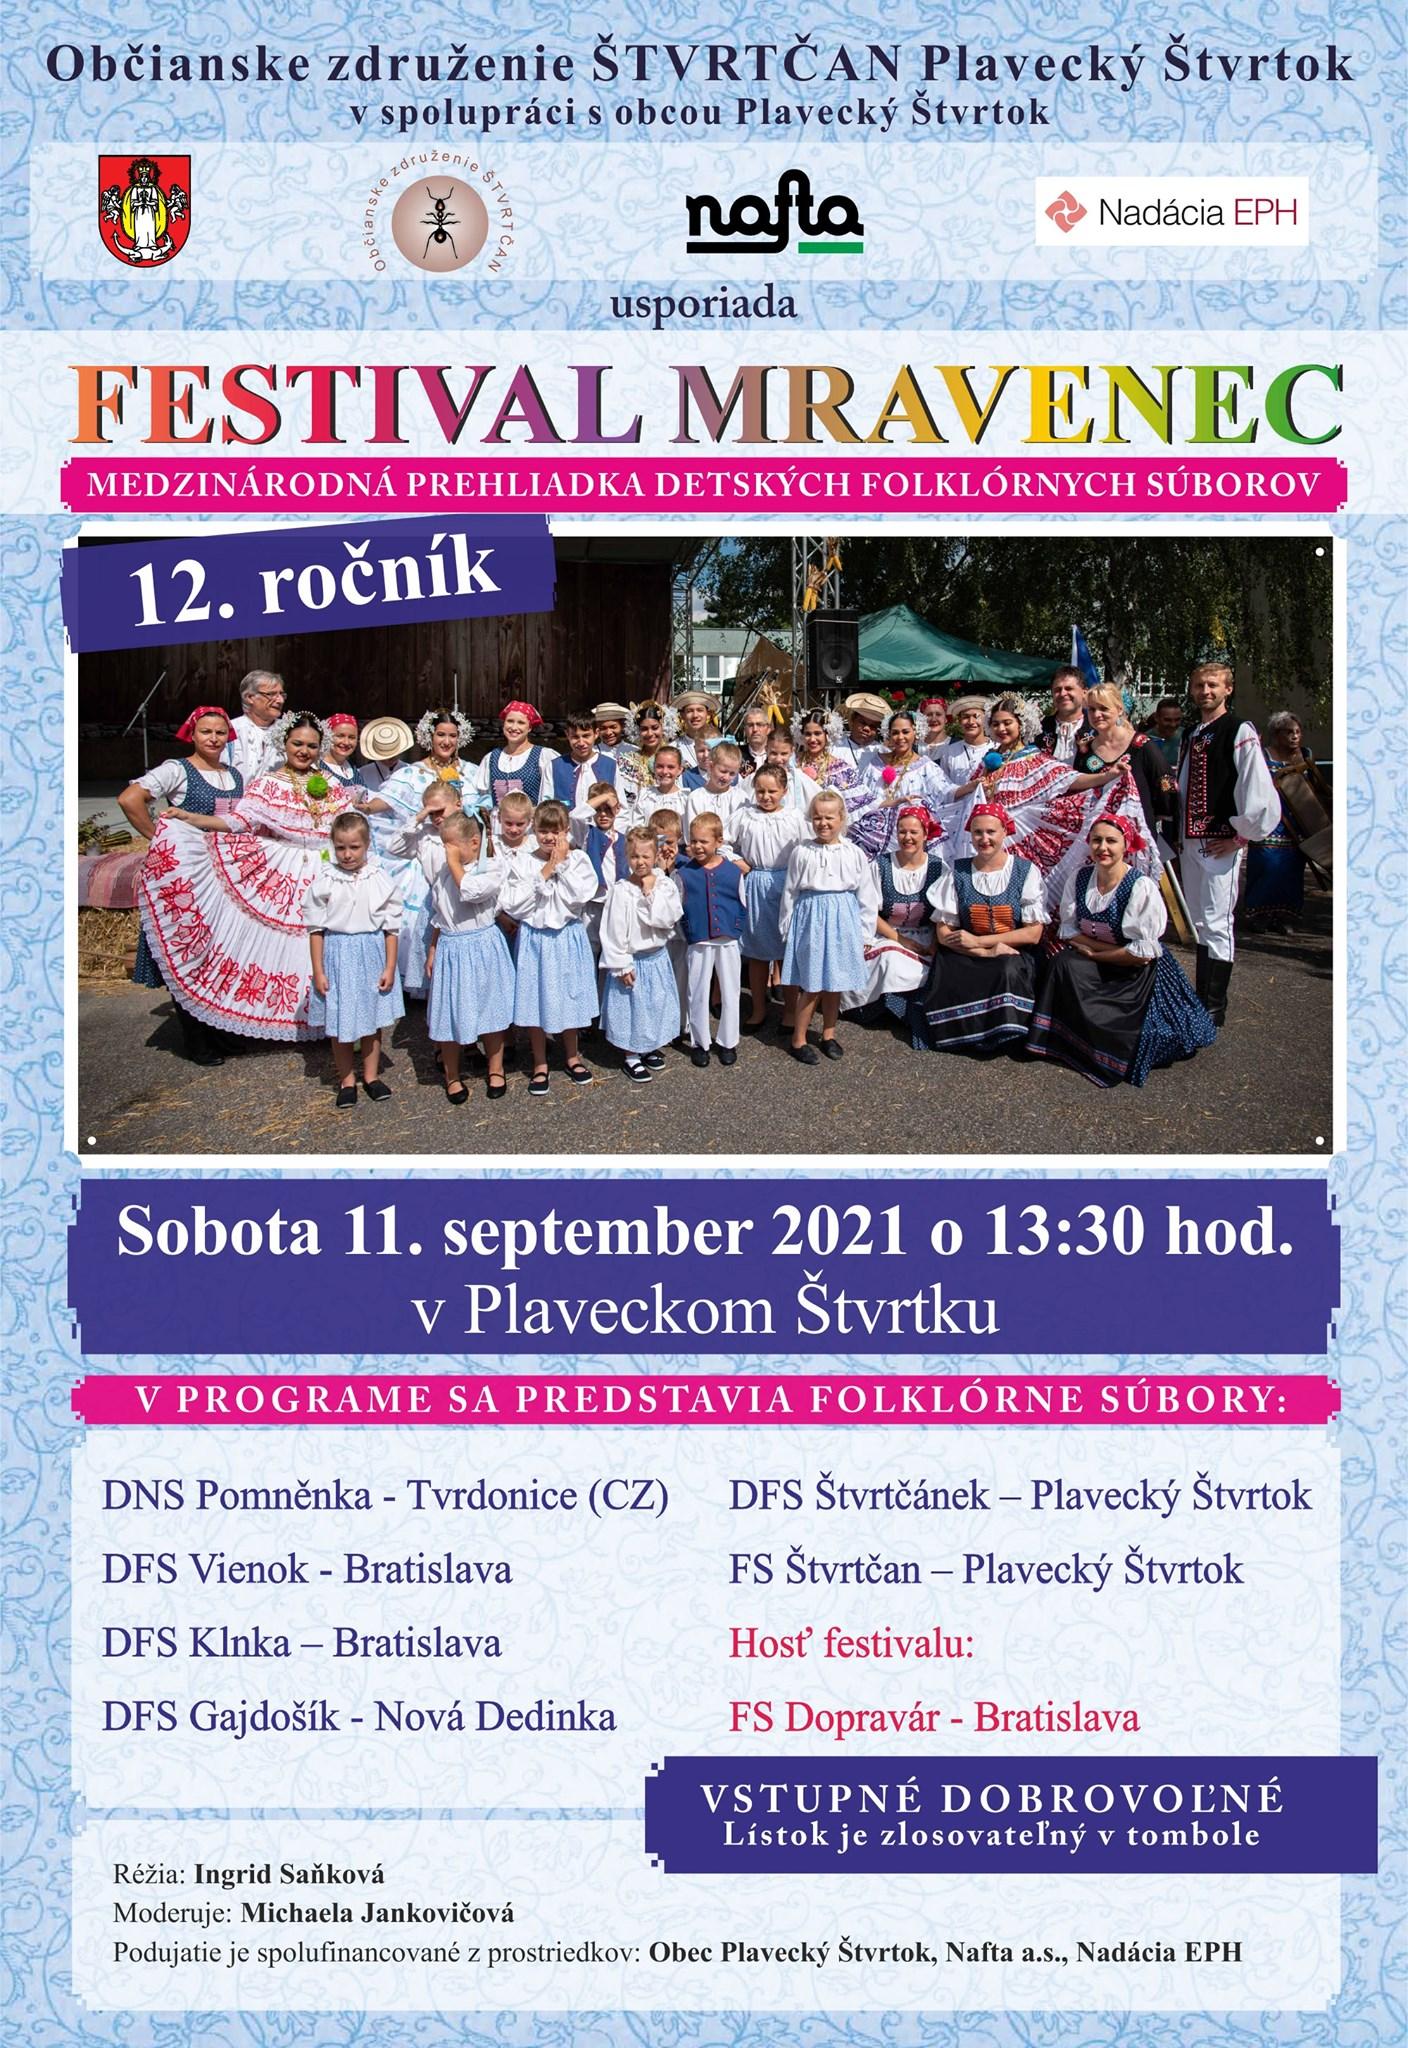 Festival Mravenec 2021 - 11.9.2021 o 13:30 v Plaveckom Štvrtku